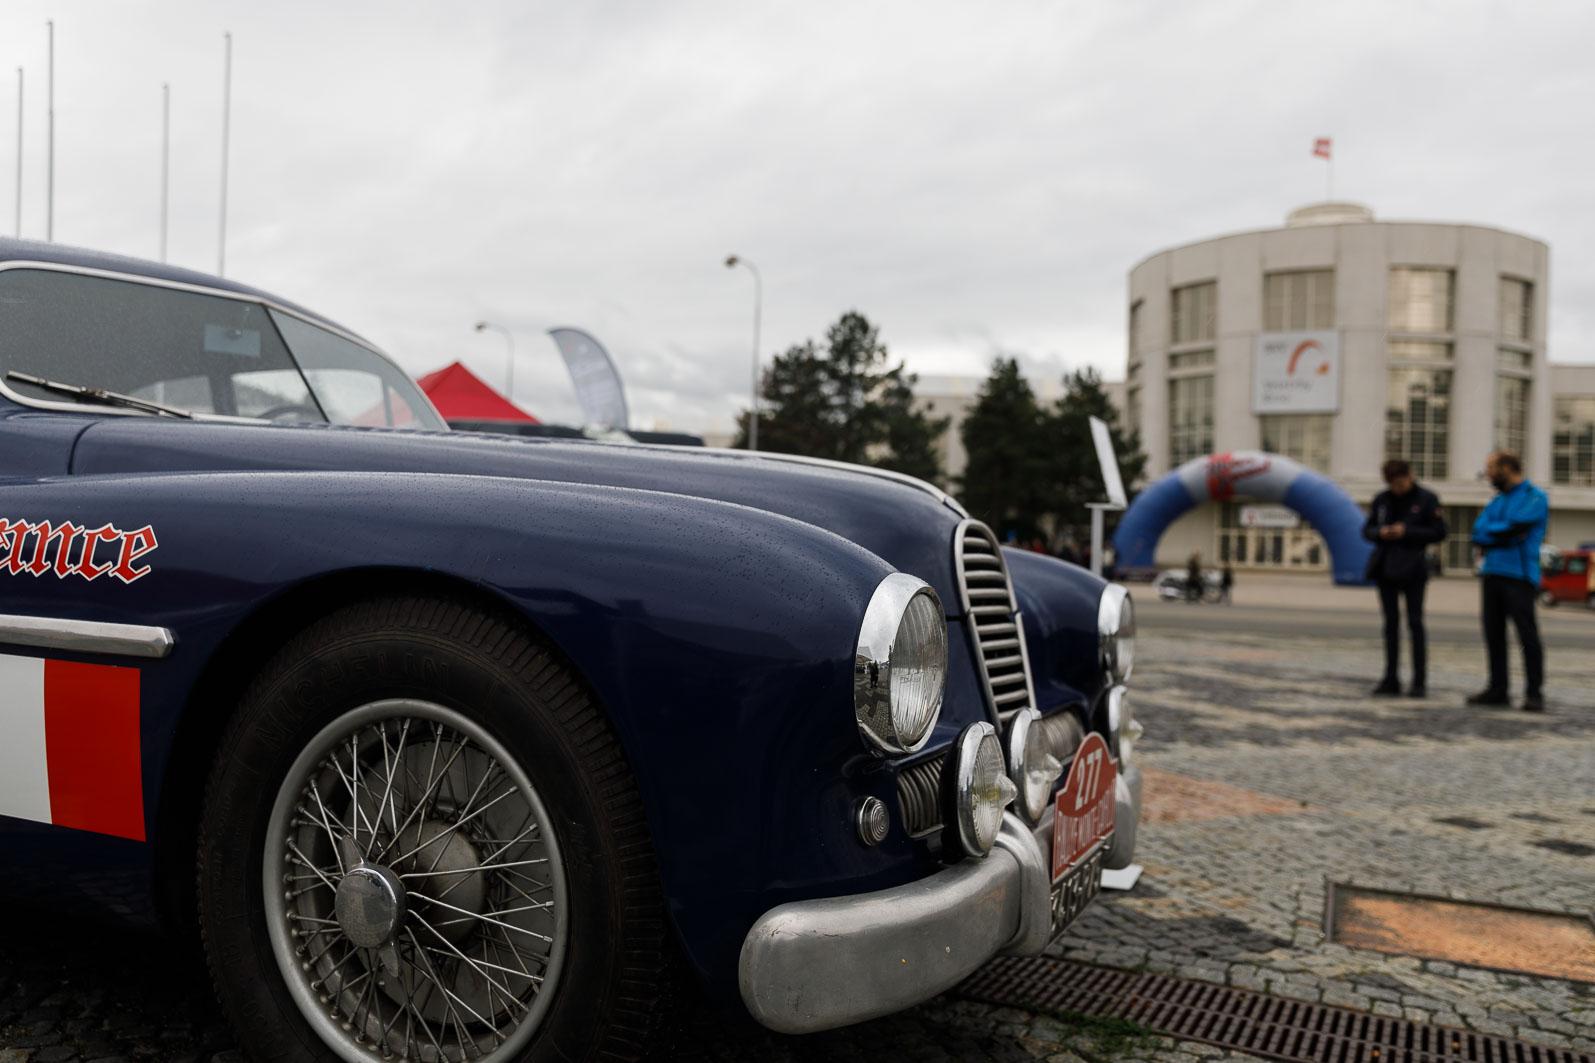 Na Revival Brno 2020 sa predviedol Talbot, ktorý zbiera svetové ocenenia Y8fPVlxECZ 2-delahaye-175-5